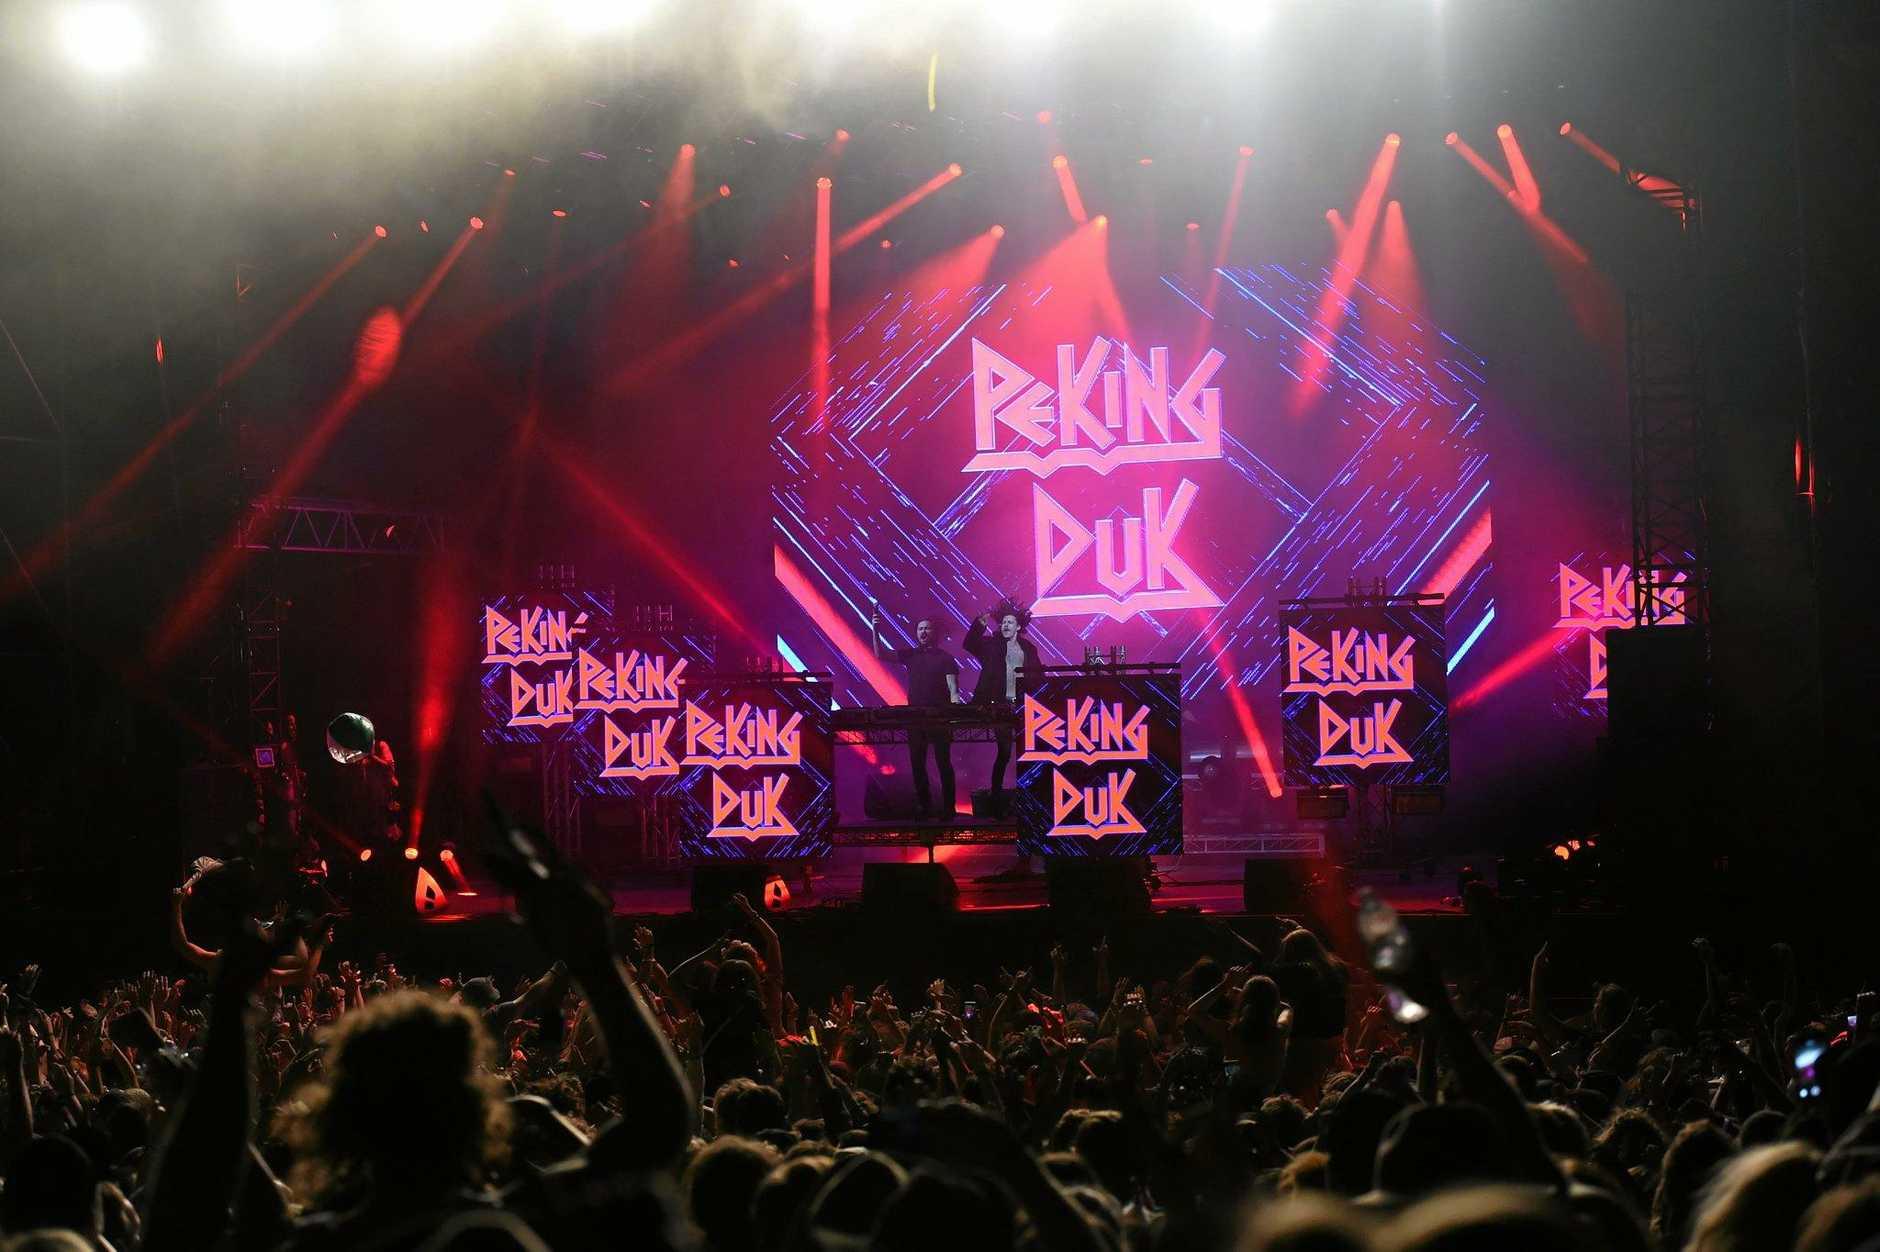 Peking DuK at Falls Festival 2016 in Byron Bay at the Byron Bay Parklands.